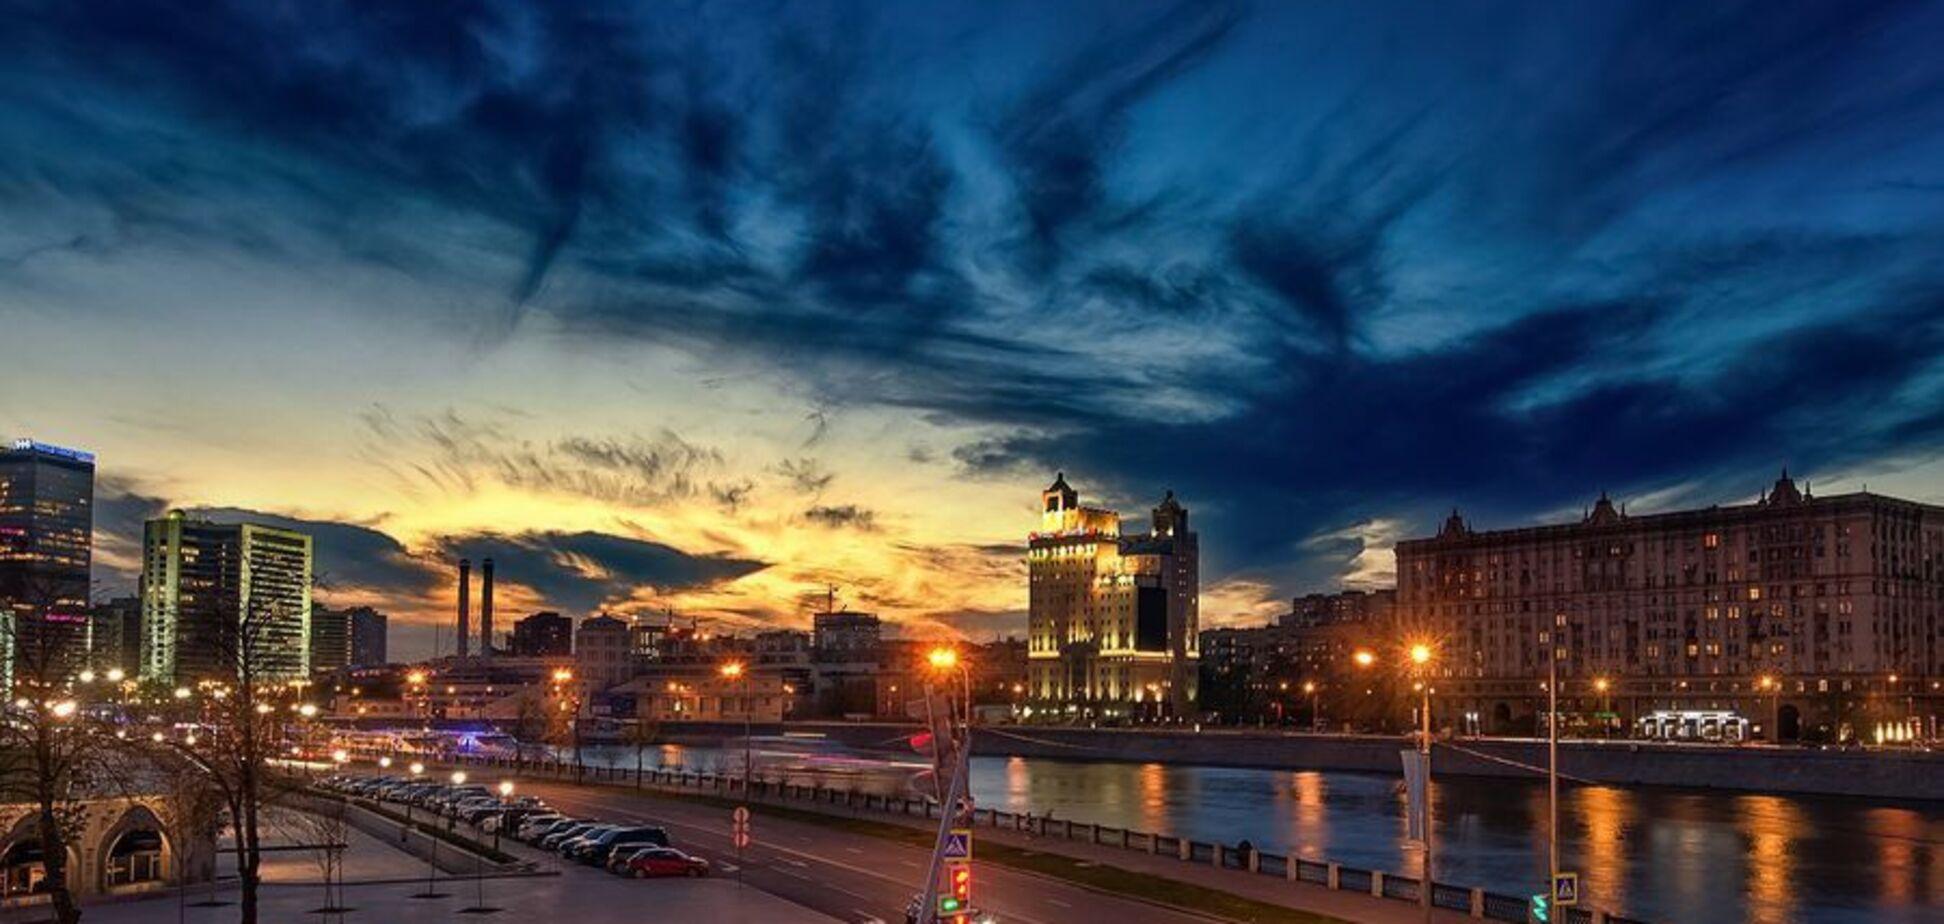 Час зупинився: у небі над Москвою помітили моторошну аномалію. Відеофакт